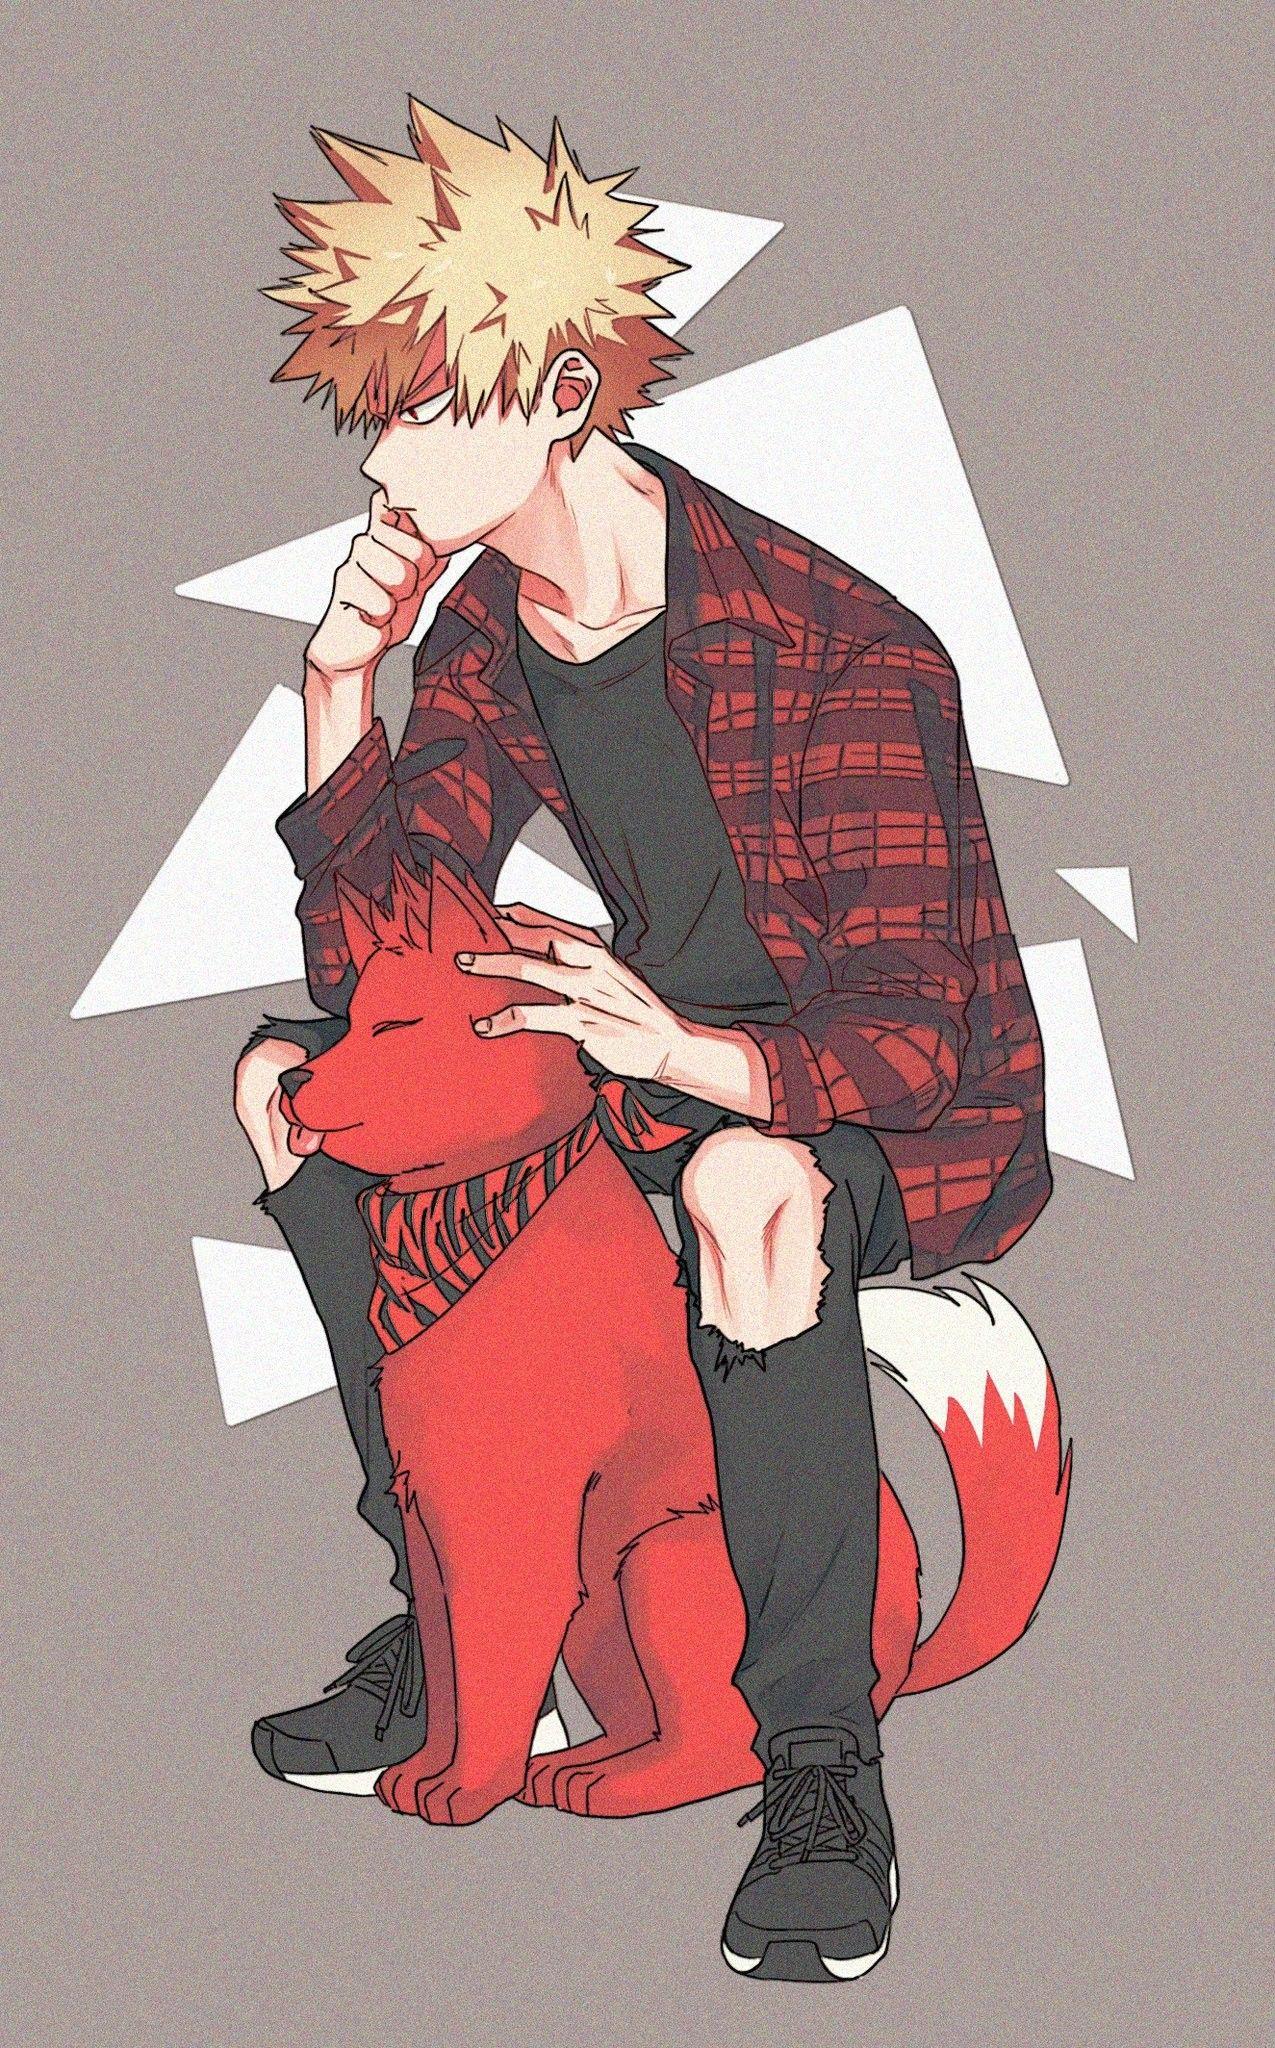 Bakugou Katsuki & [Dog] Kirishima Eijirou